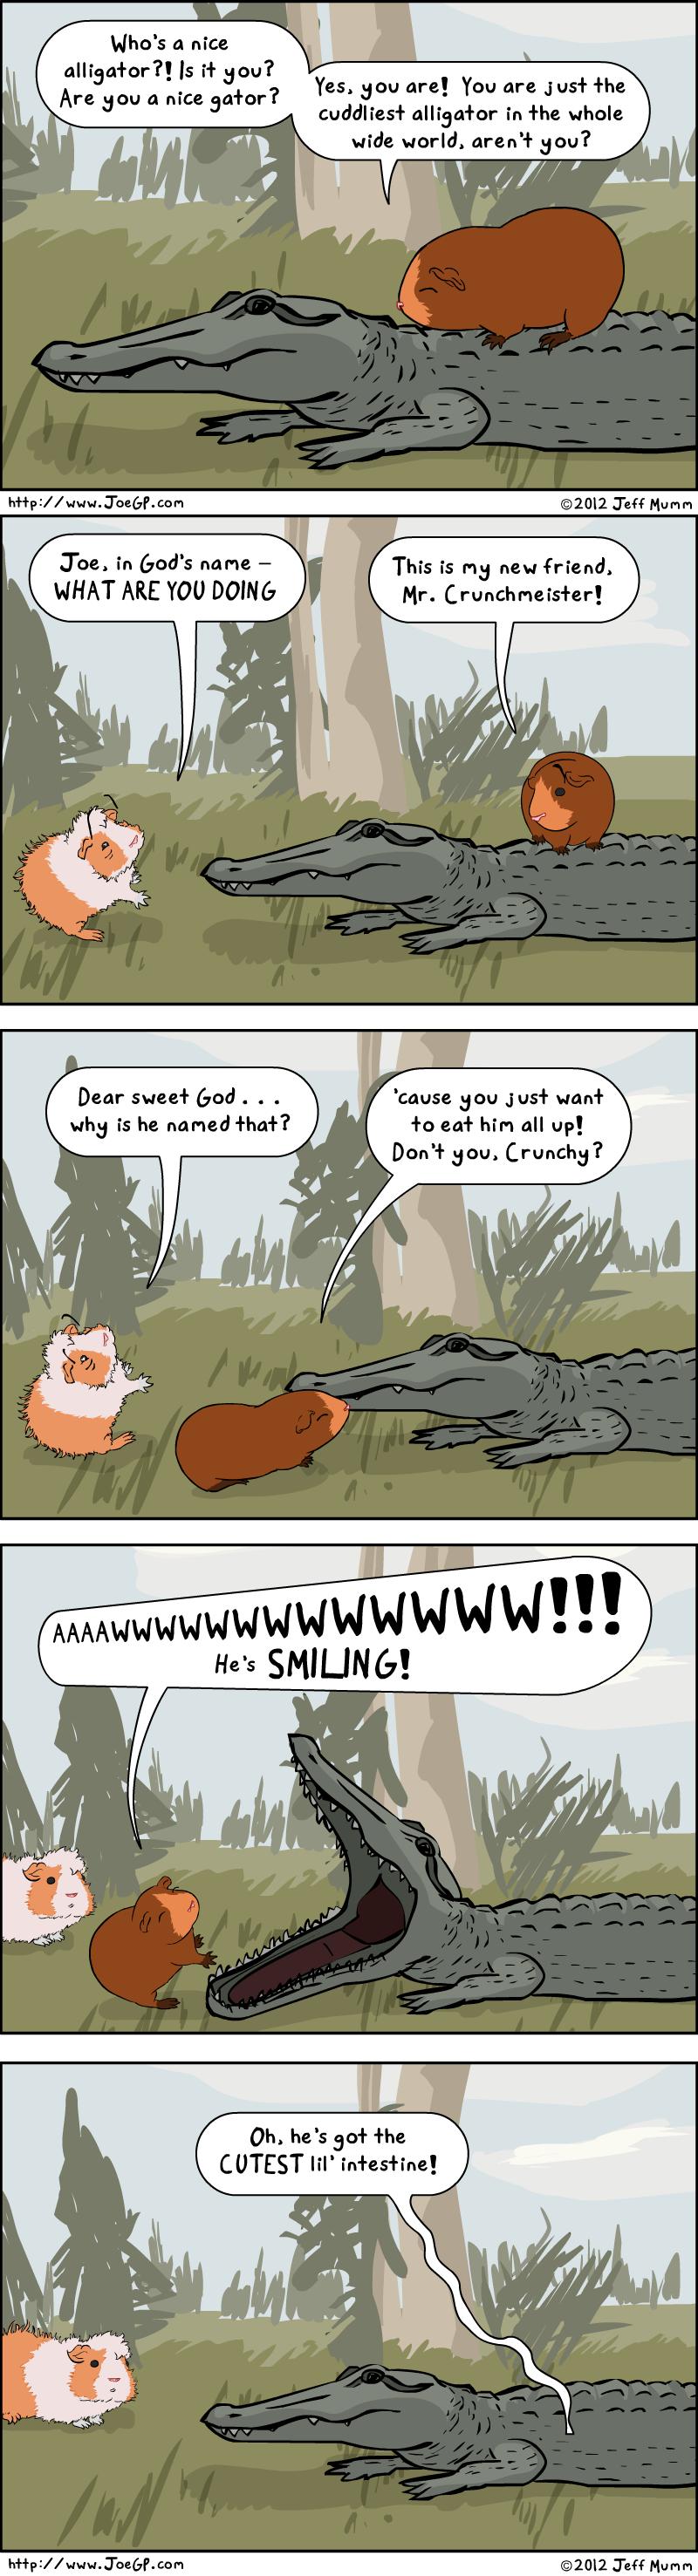 Crocodorable